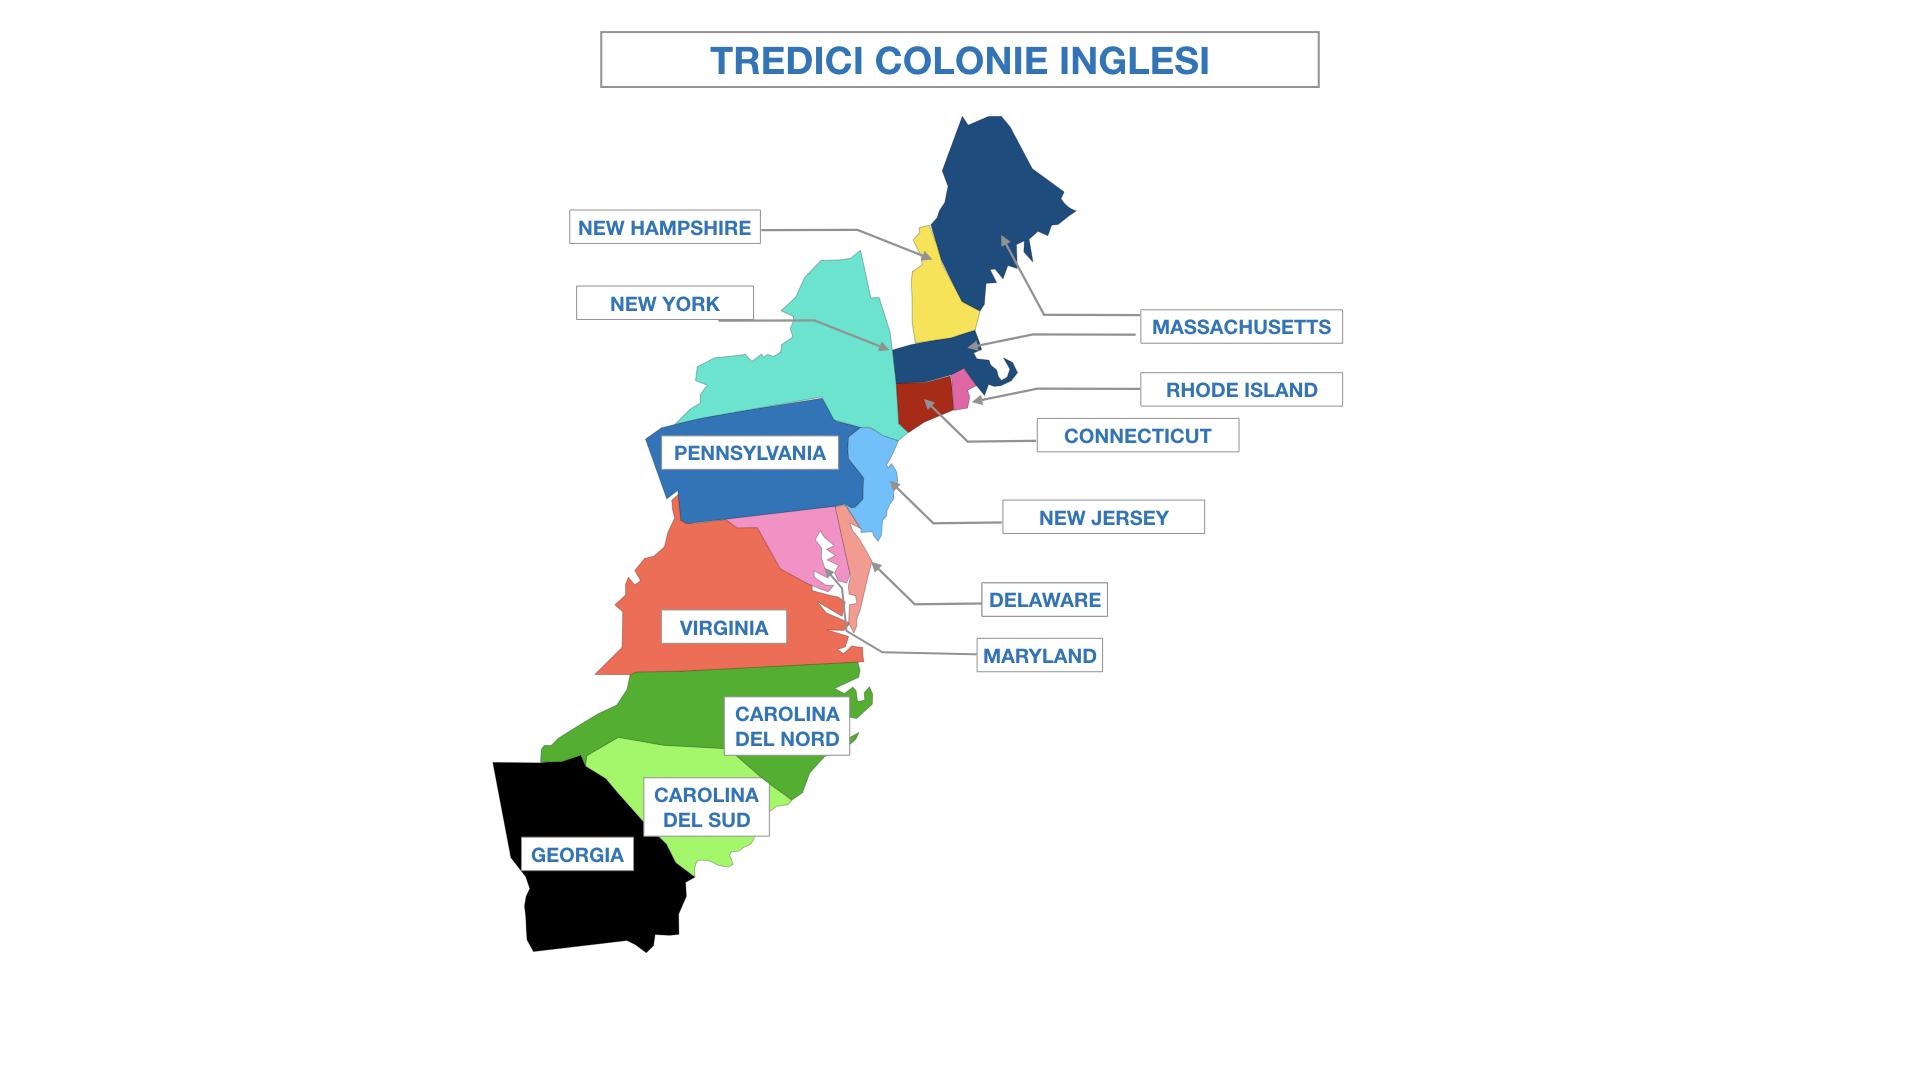 AMERICA LE TREDICI COLONIE INGLESI SIMULAZIONE.036